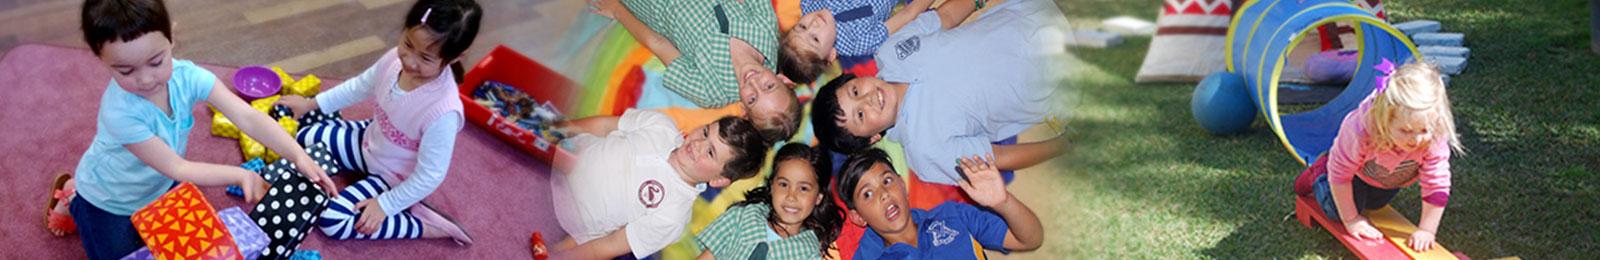 Children services banner image